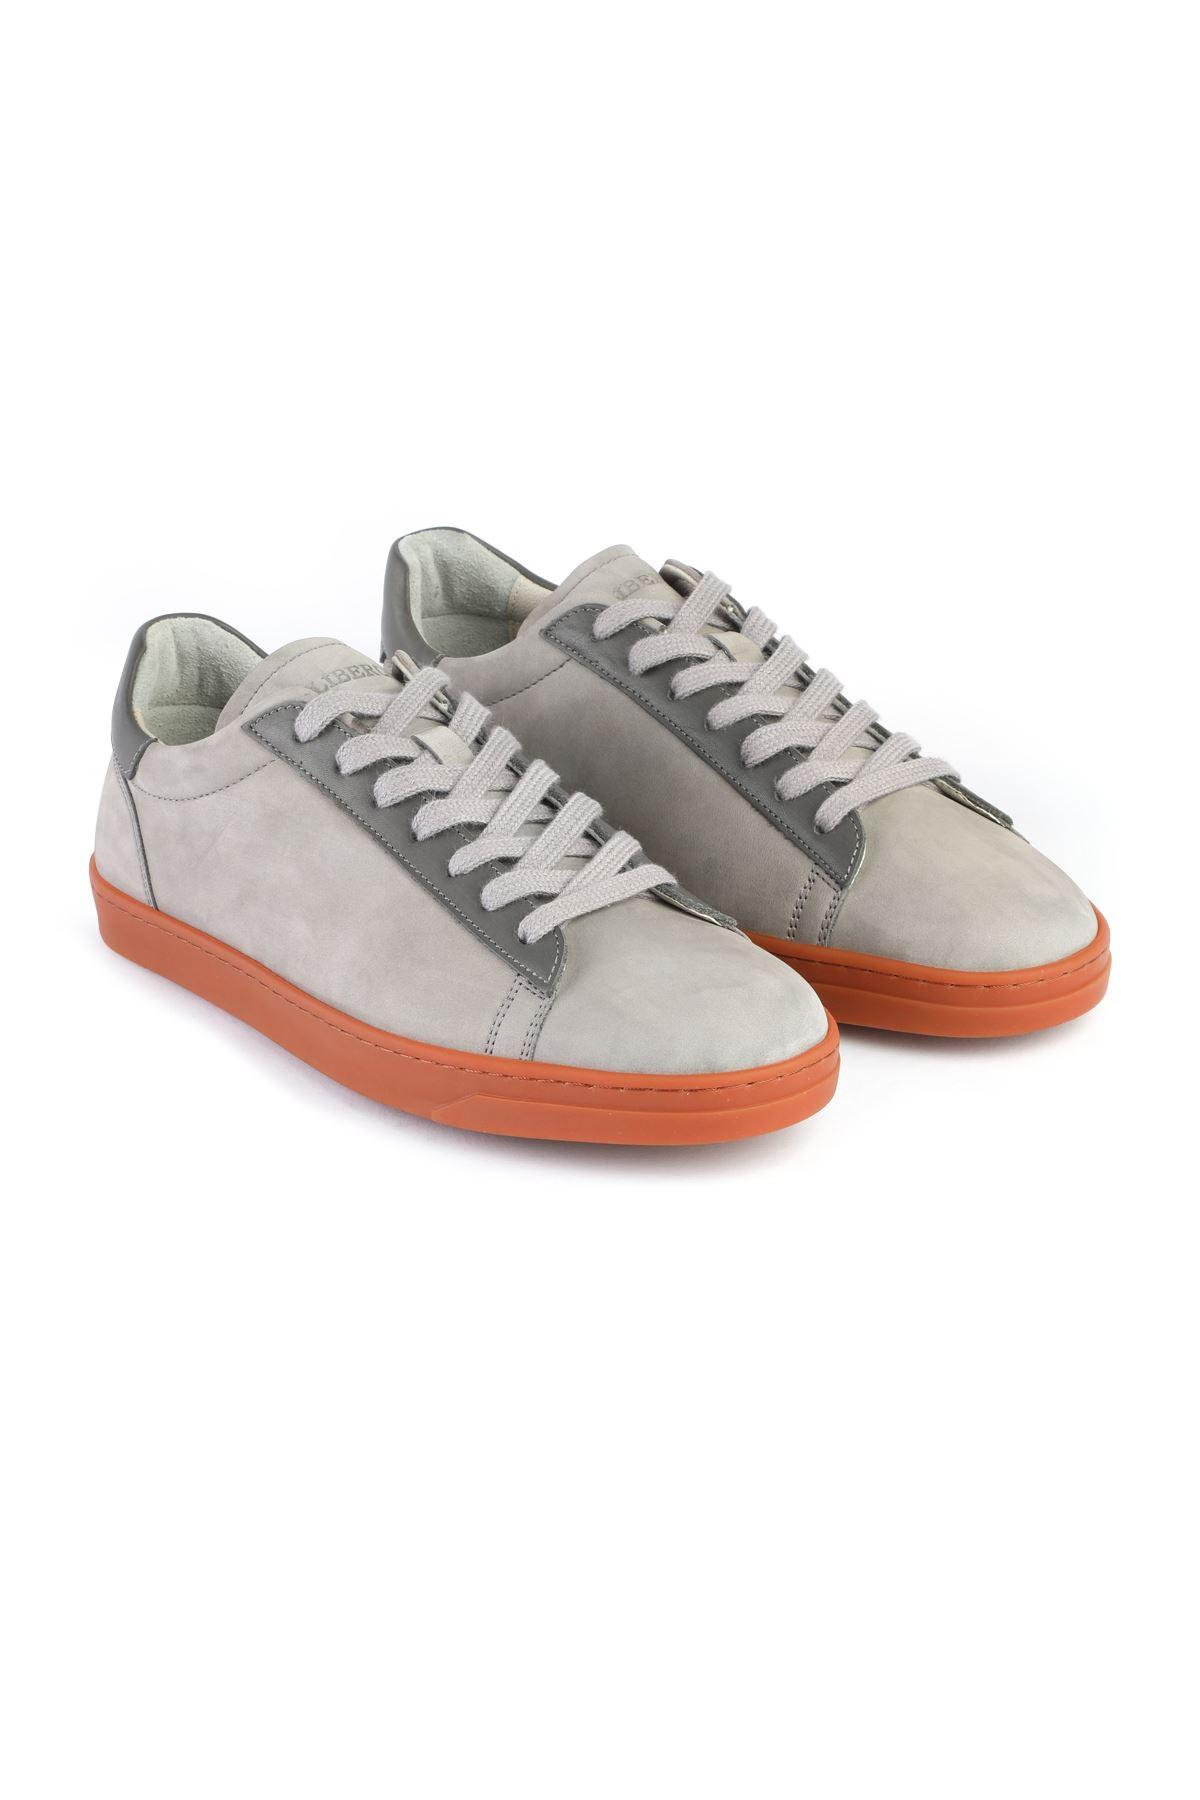 Libero 3419 Gray Casual Shoes